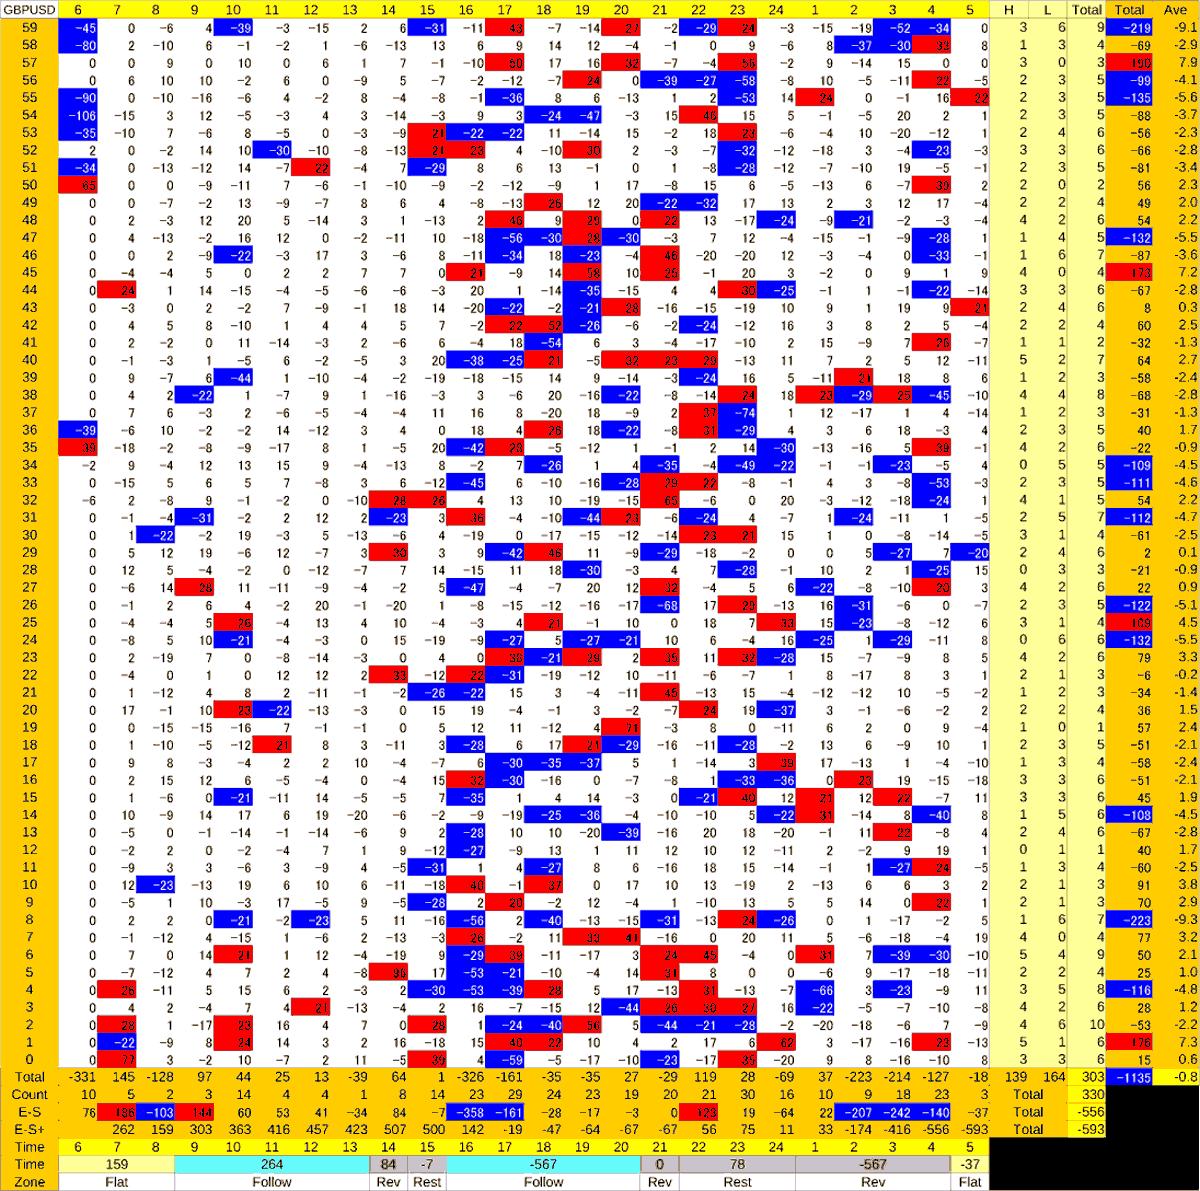 20200713_HS(2)GBPUSD